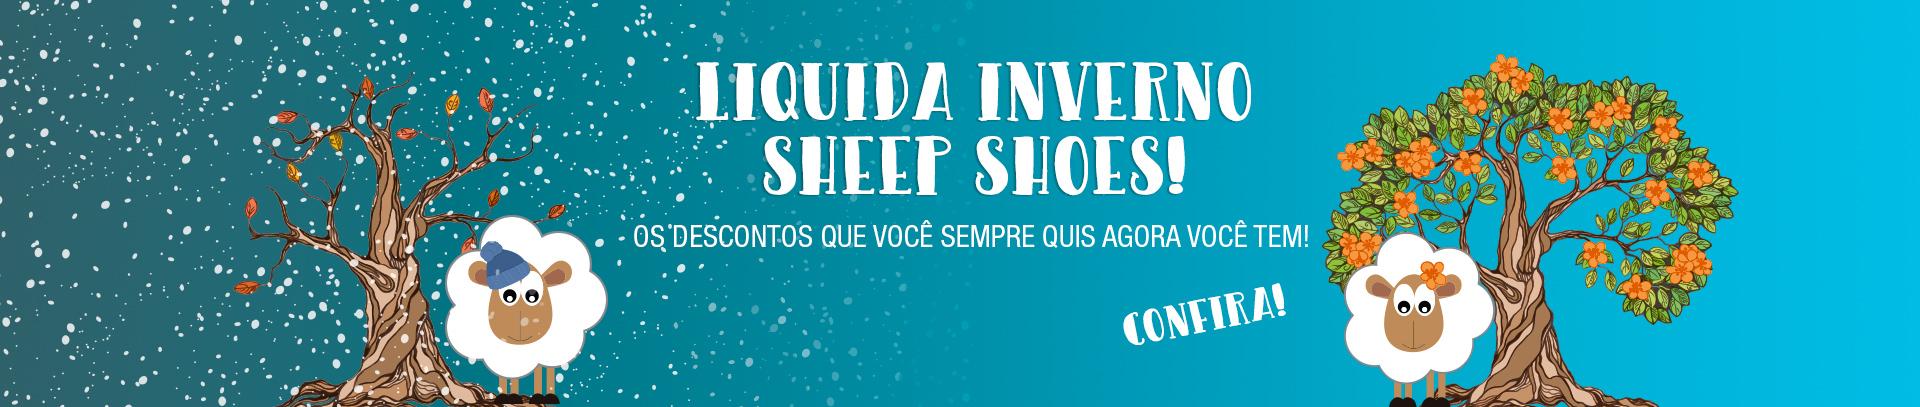 Campanha: Liquida Inverno